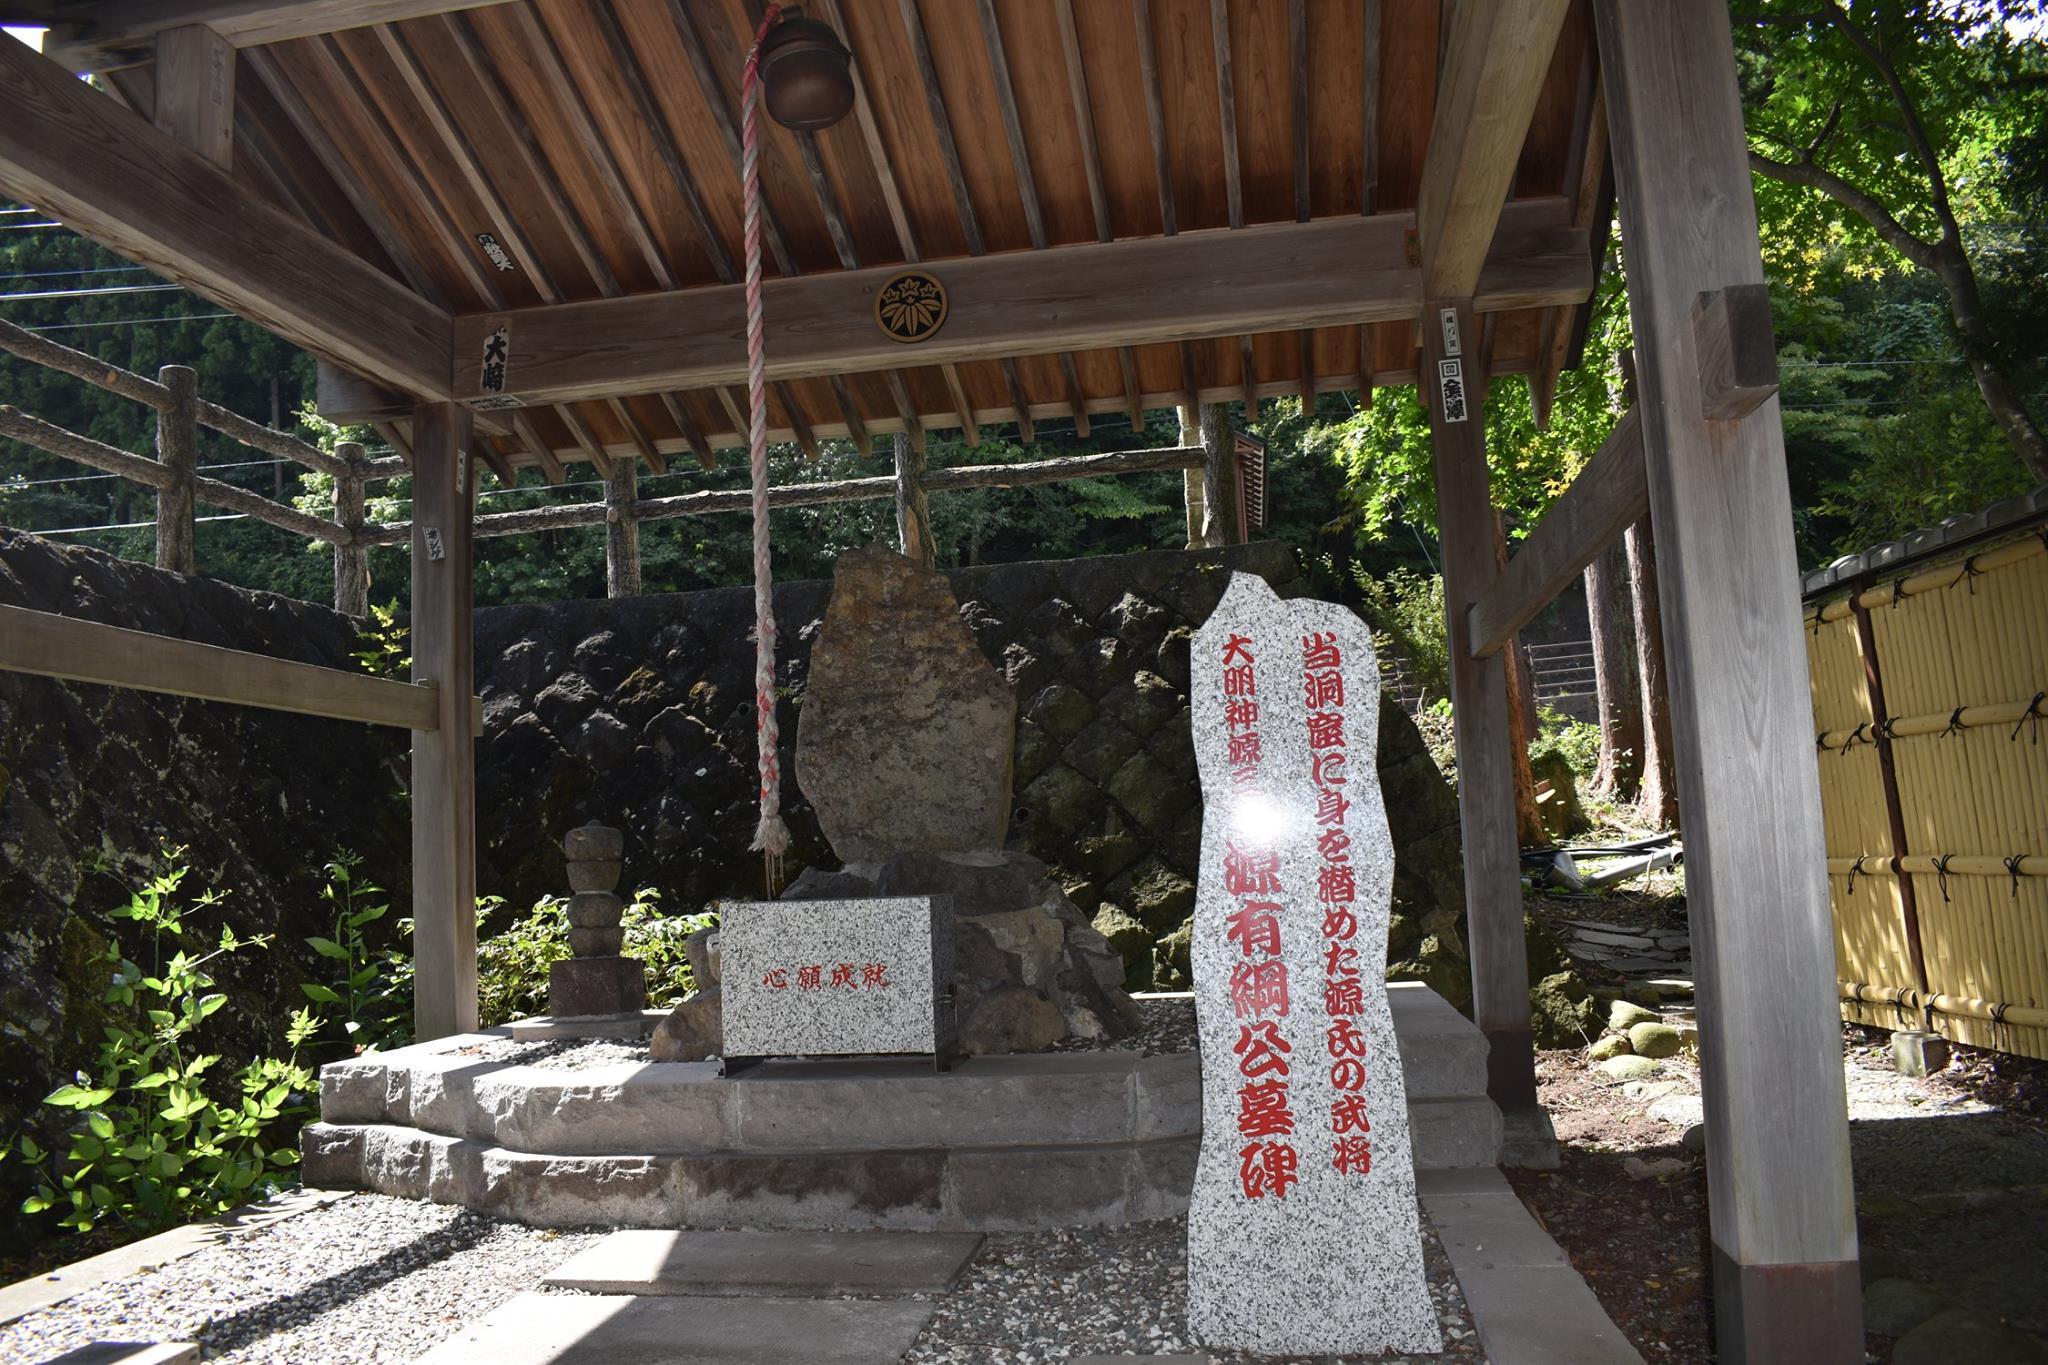 落ち延びた鎌倉武士たちの隠れ家「源三窟」